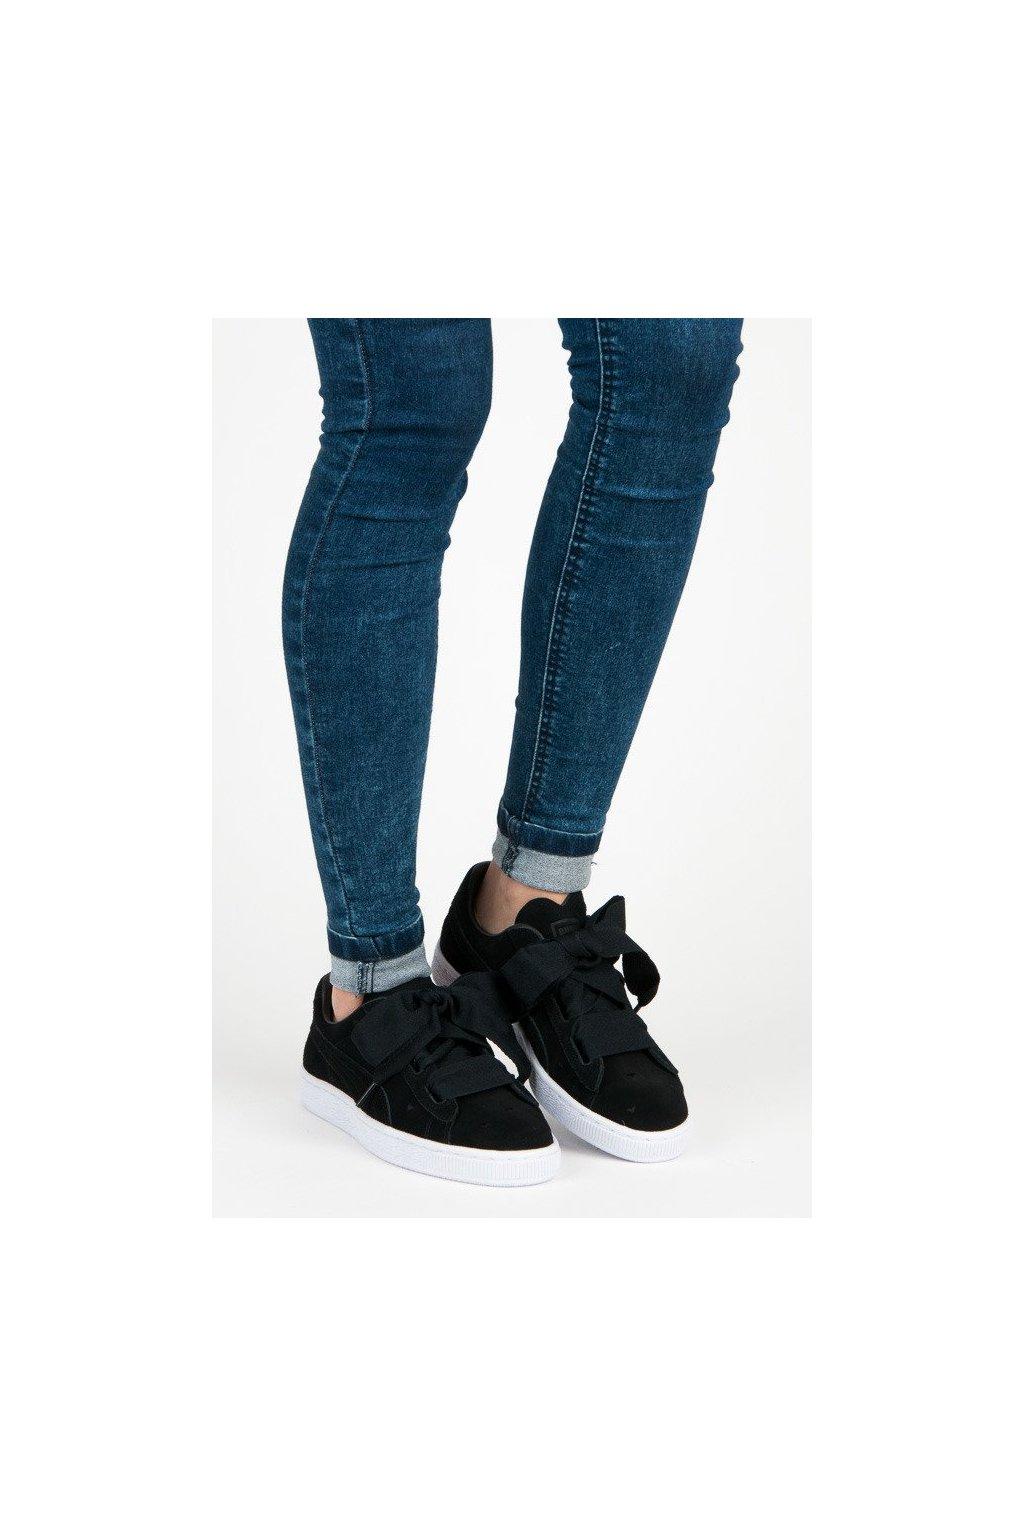 Čierne topánky Puma kod 36513502